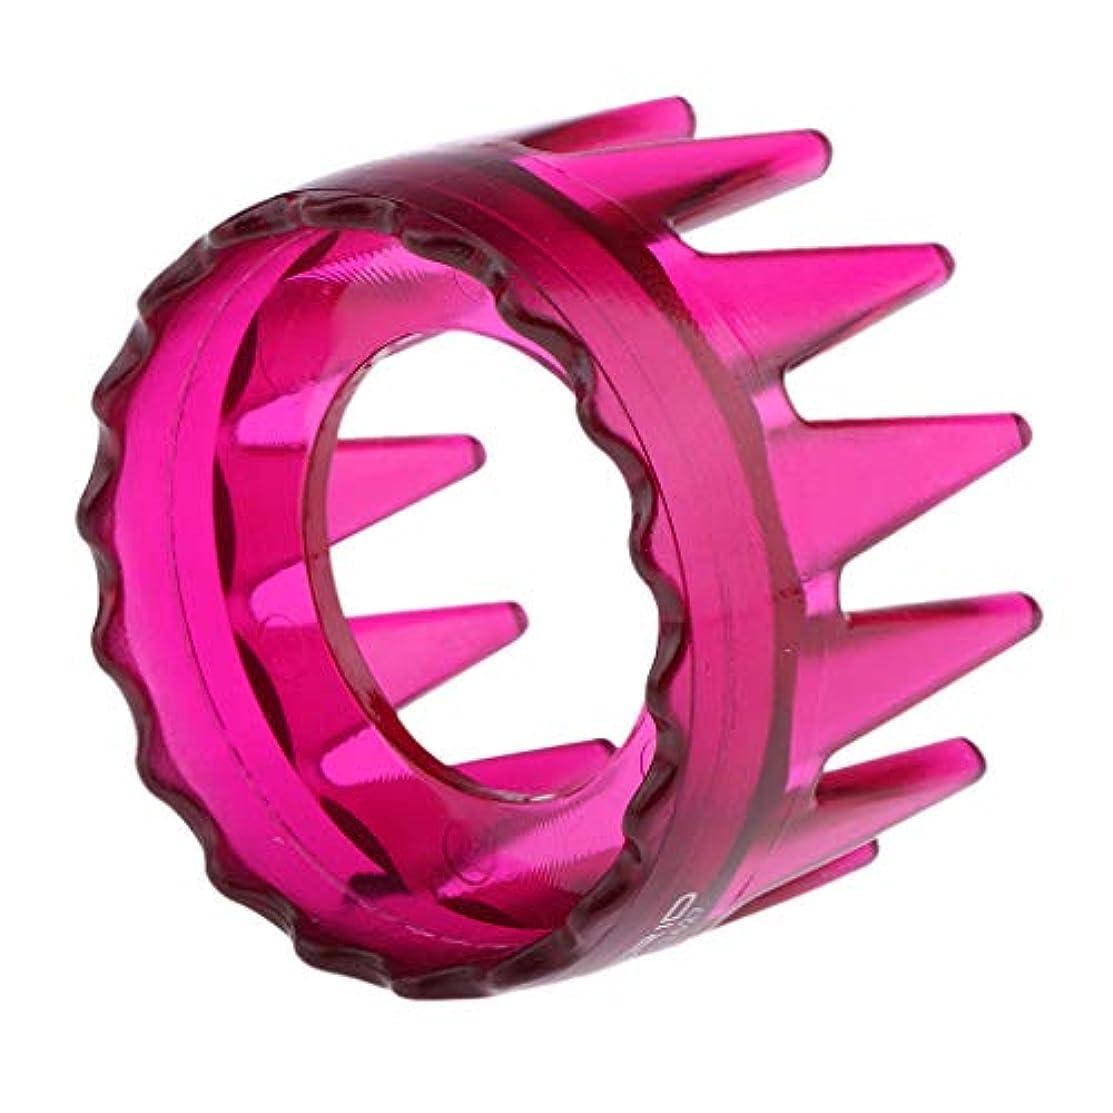 眠る眠る震えるToygogo ヘアブラシ ヘアコーム シャンプーブラシ 洗髪櫛 頭皮マッサージ プラスチック製 全4色 - ローズレッド